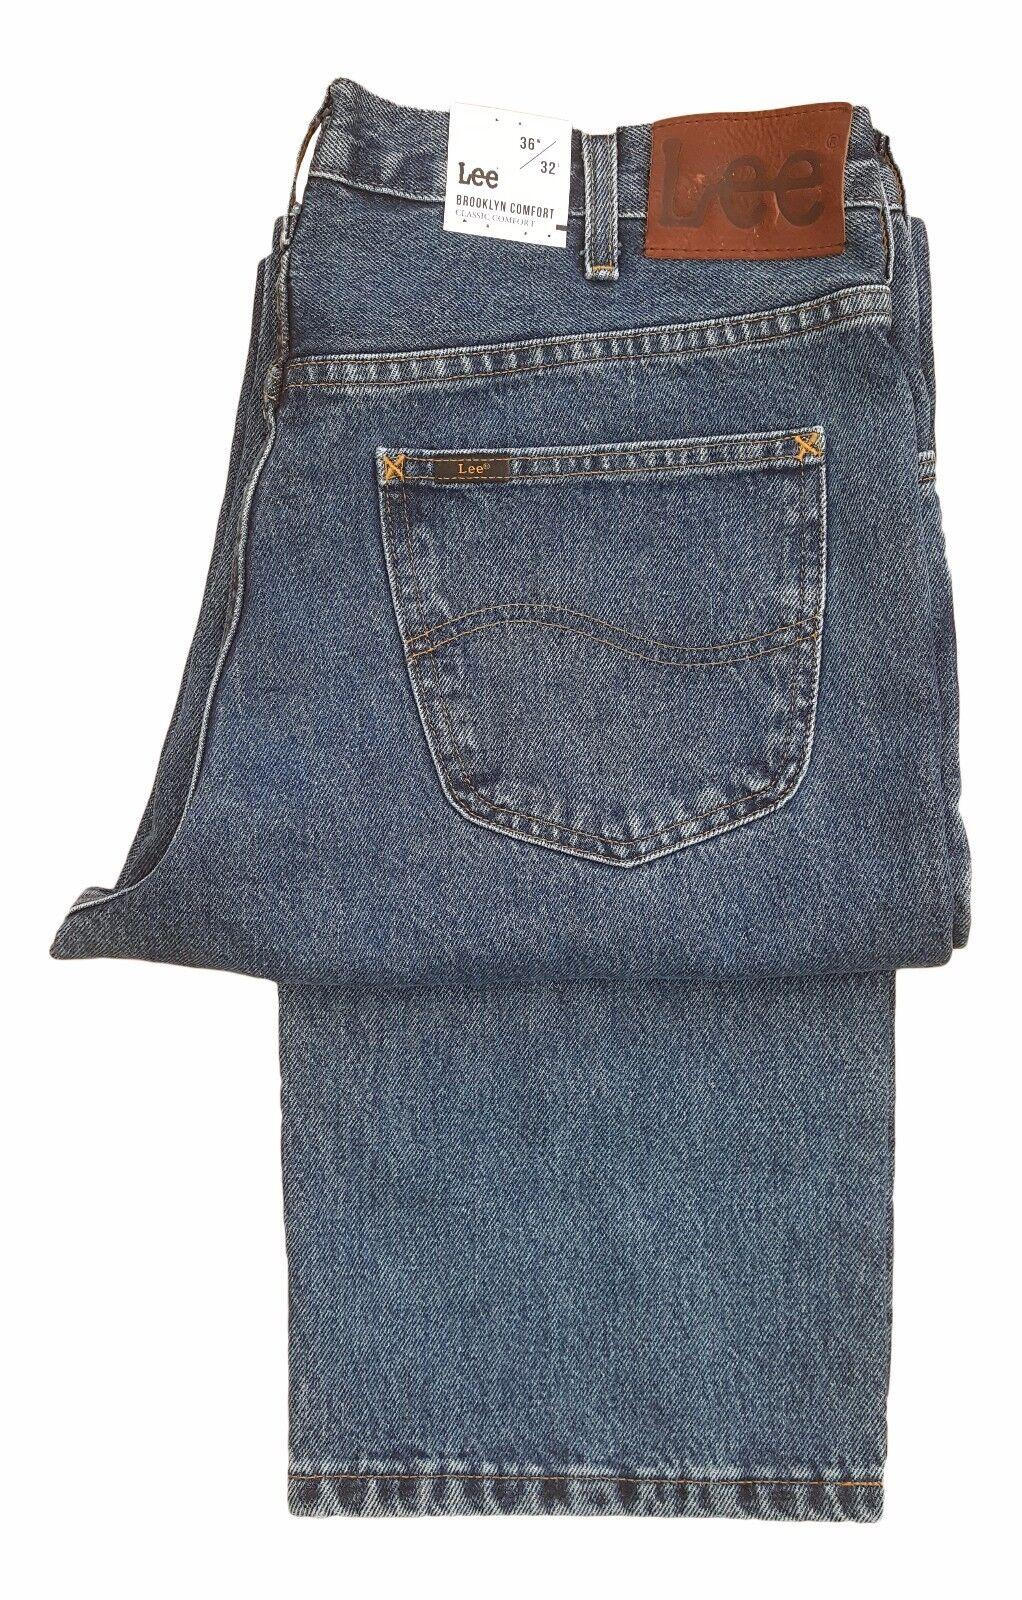 4f7afadd MENS COMFORT FIT STRAIGHT LEG JEAN - DARK STONEWASH blueE BROOKLYN LEE  nzrkmn1658-Jeans